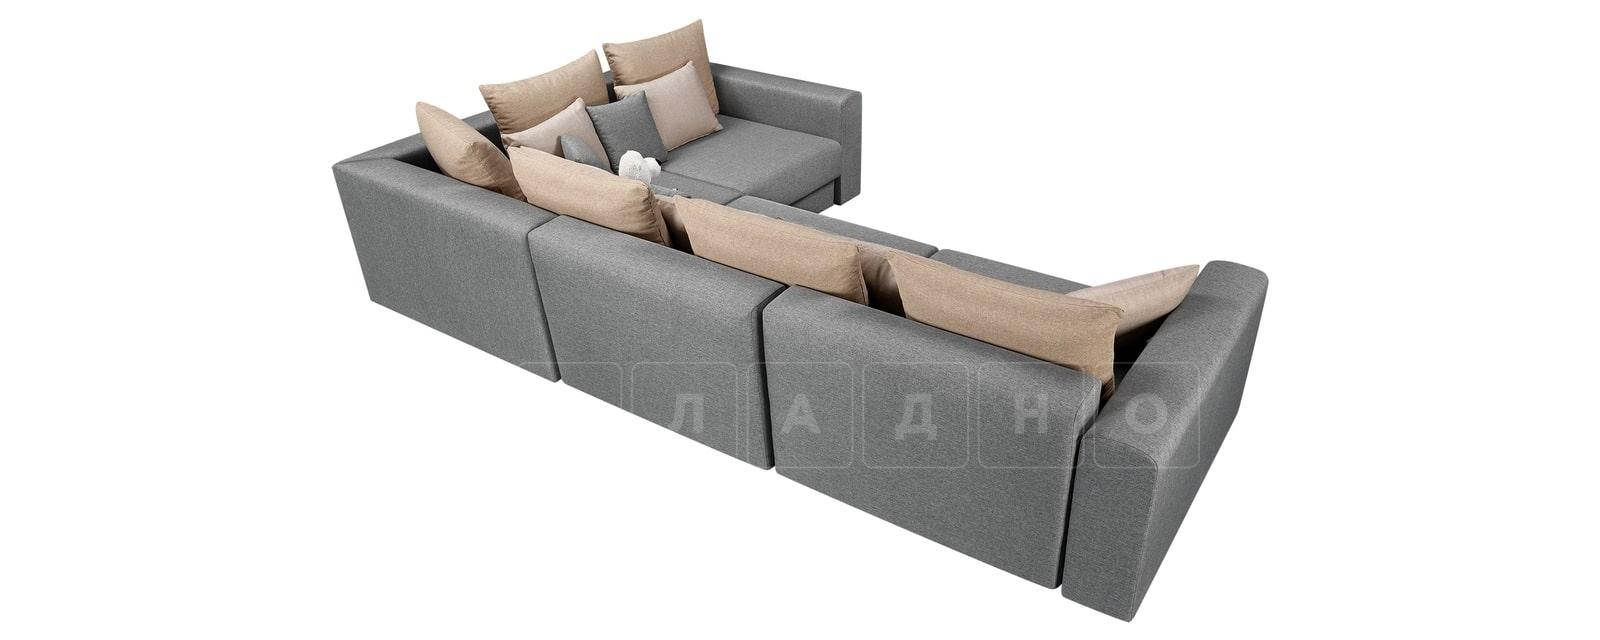 Угловой диван Медисон серый 345х224 см фото 3 | интернет-магазин Складно